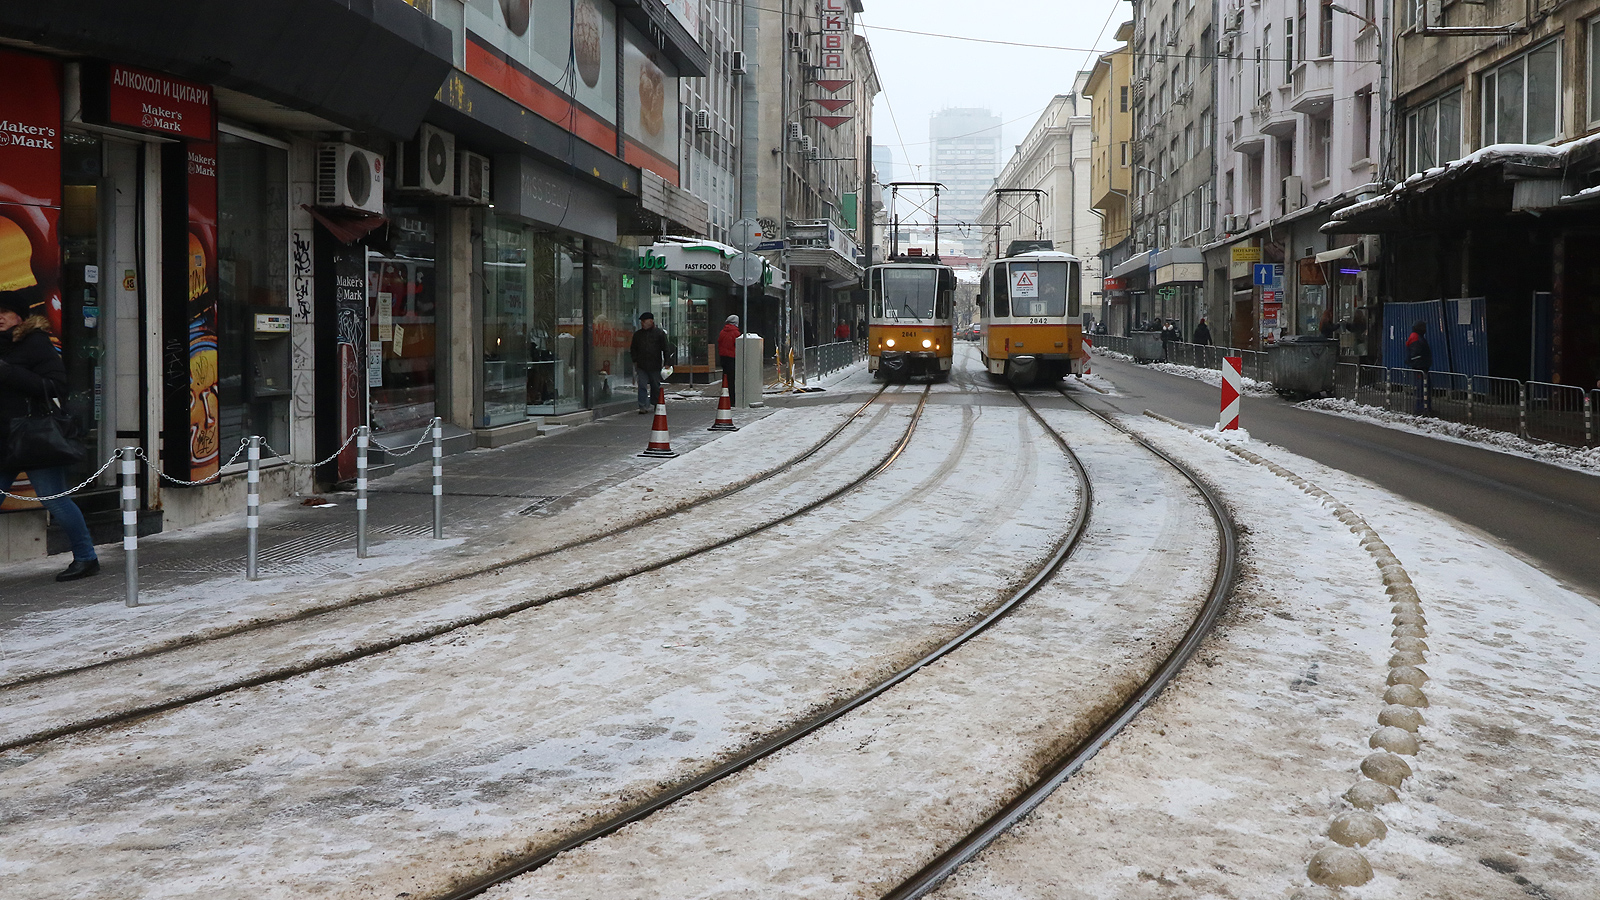 """Първоначалният срок за възстановяване на движението бе октомври. Два месеца след този срок, скандали за качеството на ремонта, една заместник-кметска оставка, придружена с повдигнато от прокуратурата обвинение, за Коледа столичани и гости на града отново ще си имат трамвай по """"Графа""""."""